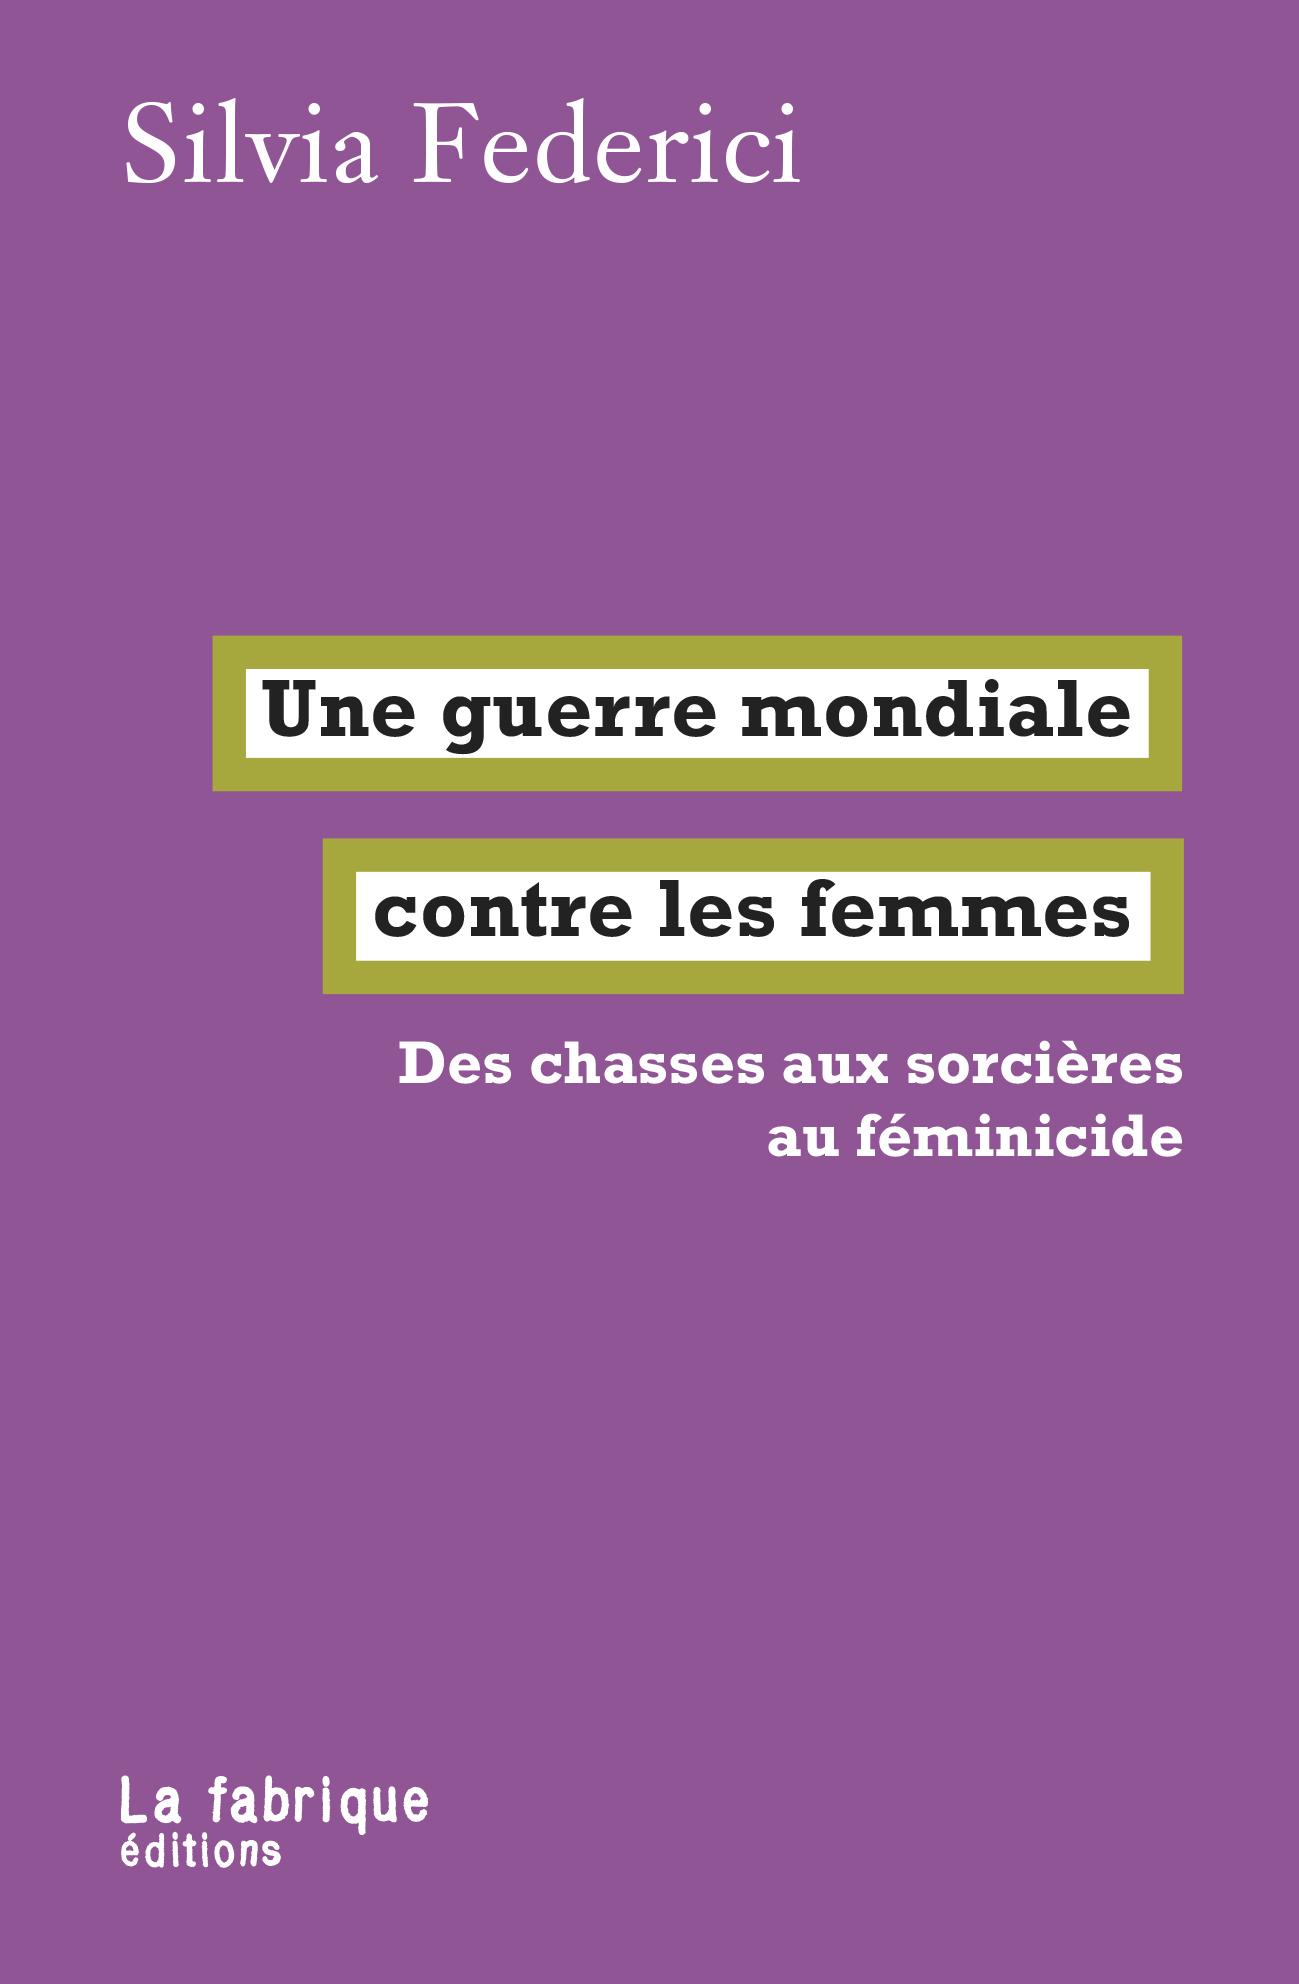 S. Federici, Une guerre mondiale contre les femmes. Des chasses aux sorcières au féminicide